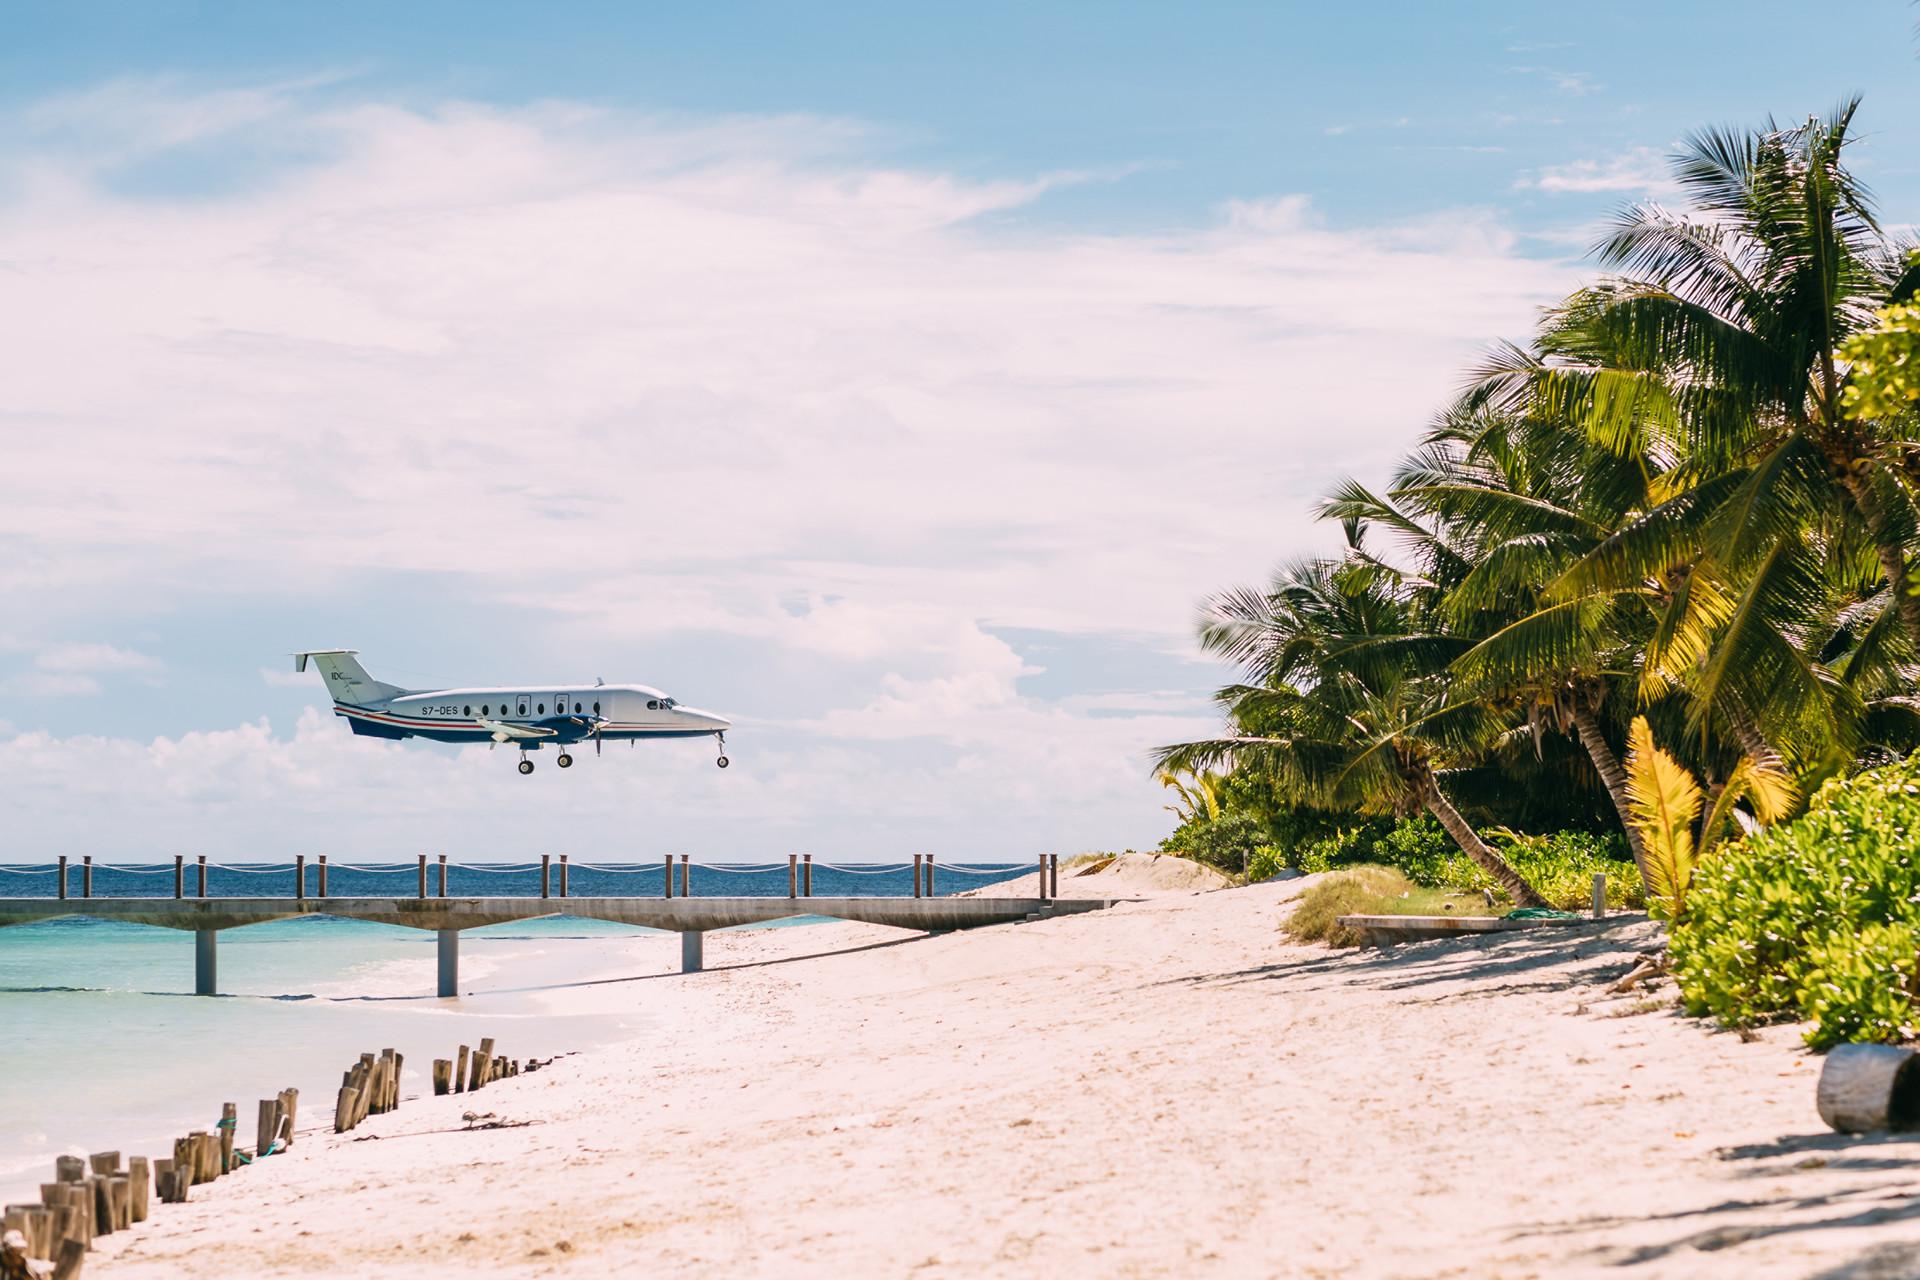 Острів обладнаний власною злітно-посадковою смугою, що значно економить час в дорозі